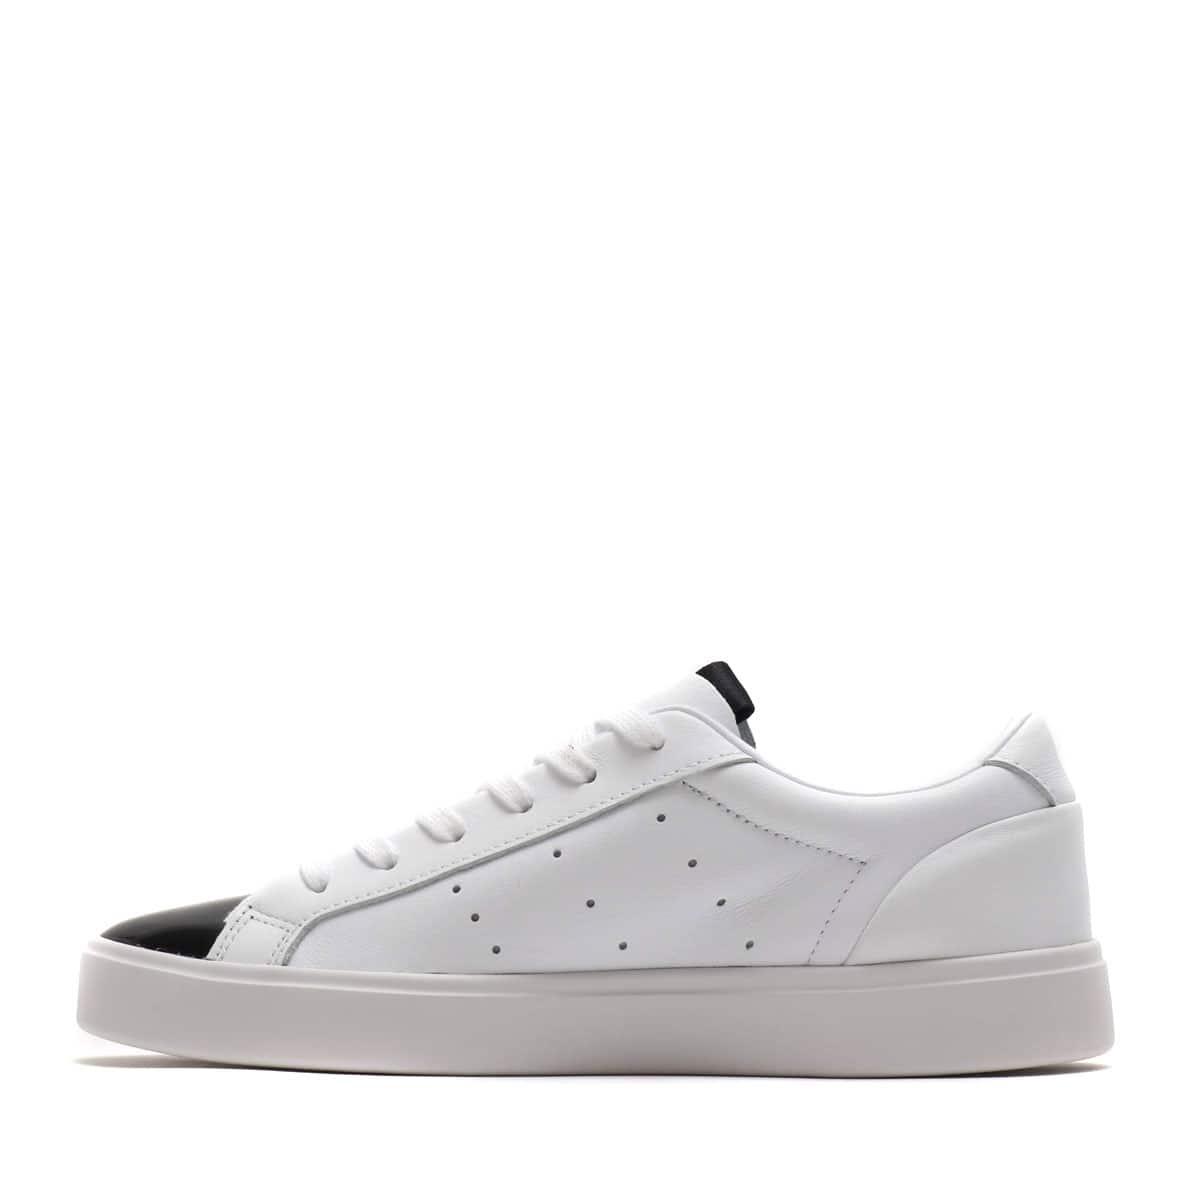 """""""adidas Originals SLEEK W RUNNING WHITE/RUNNING WHITE/CORE BLACK 19FW-S""""_photo_3"""